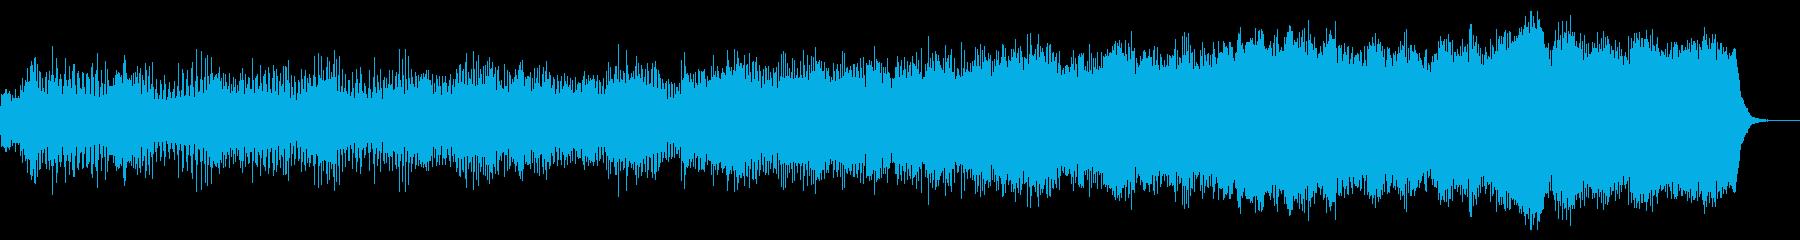 より大きく、より大きく。ハロウィー...の再生済みの波形